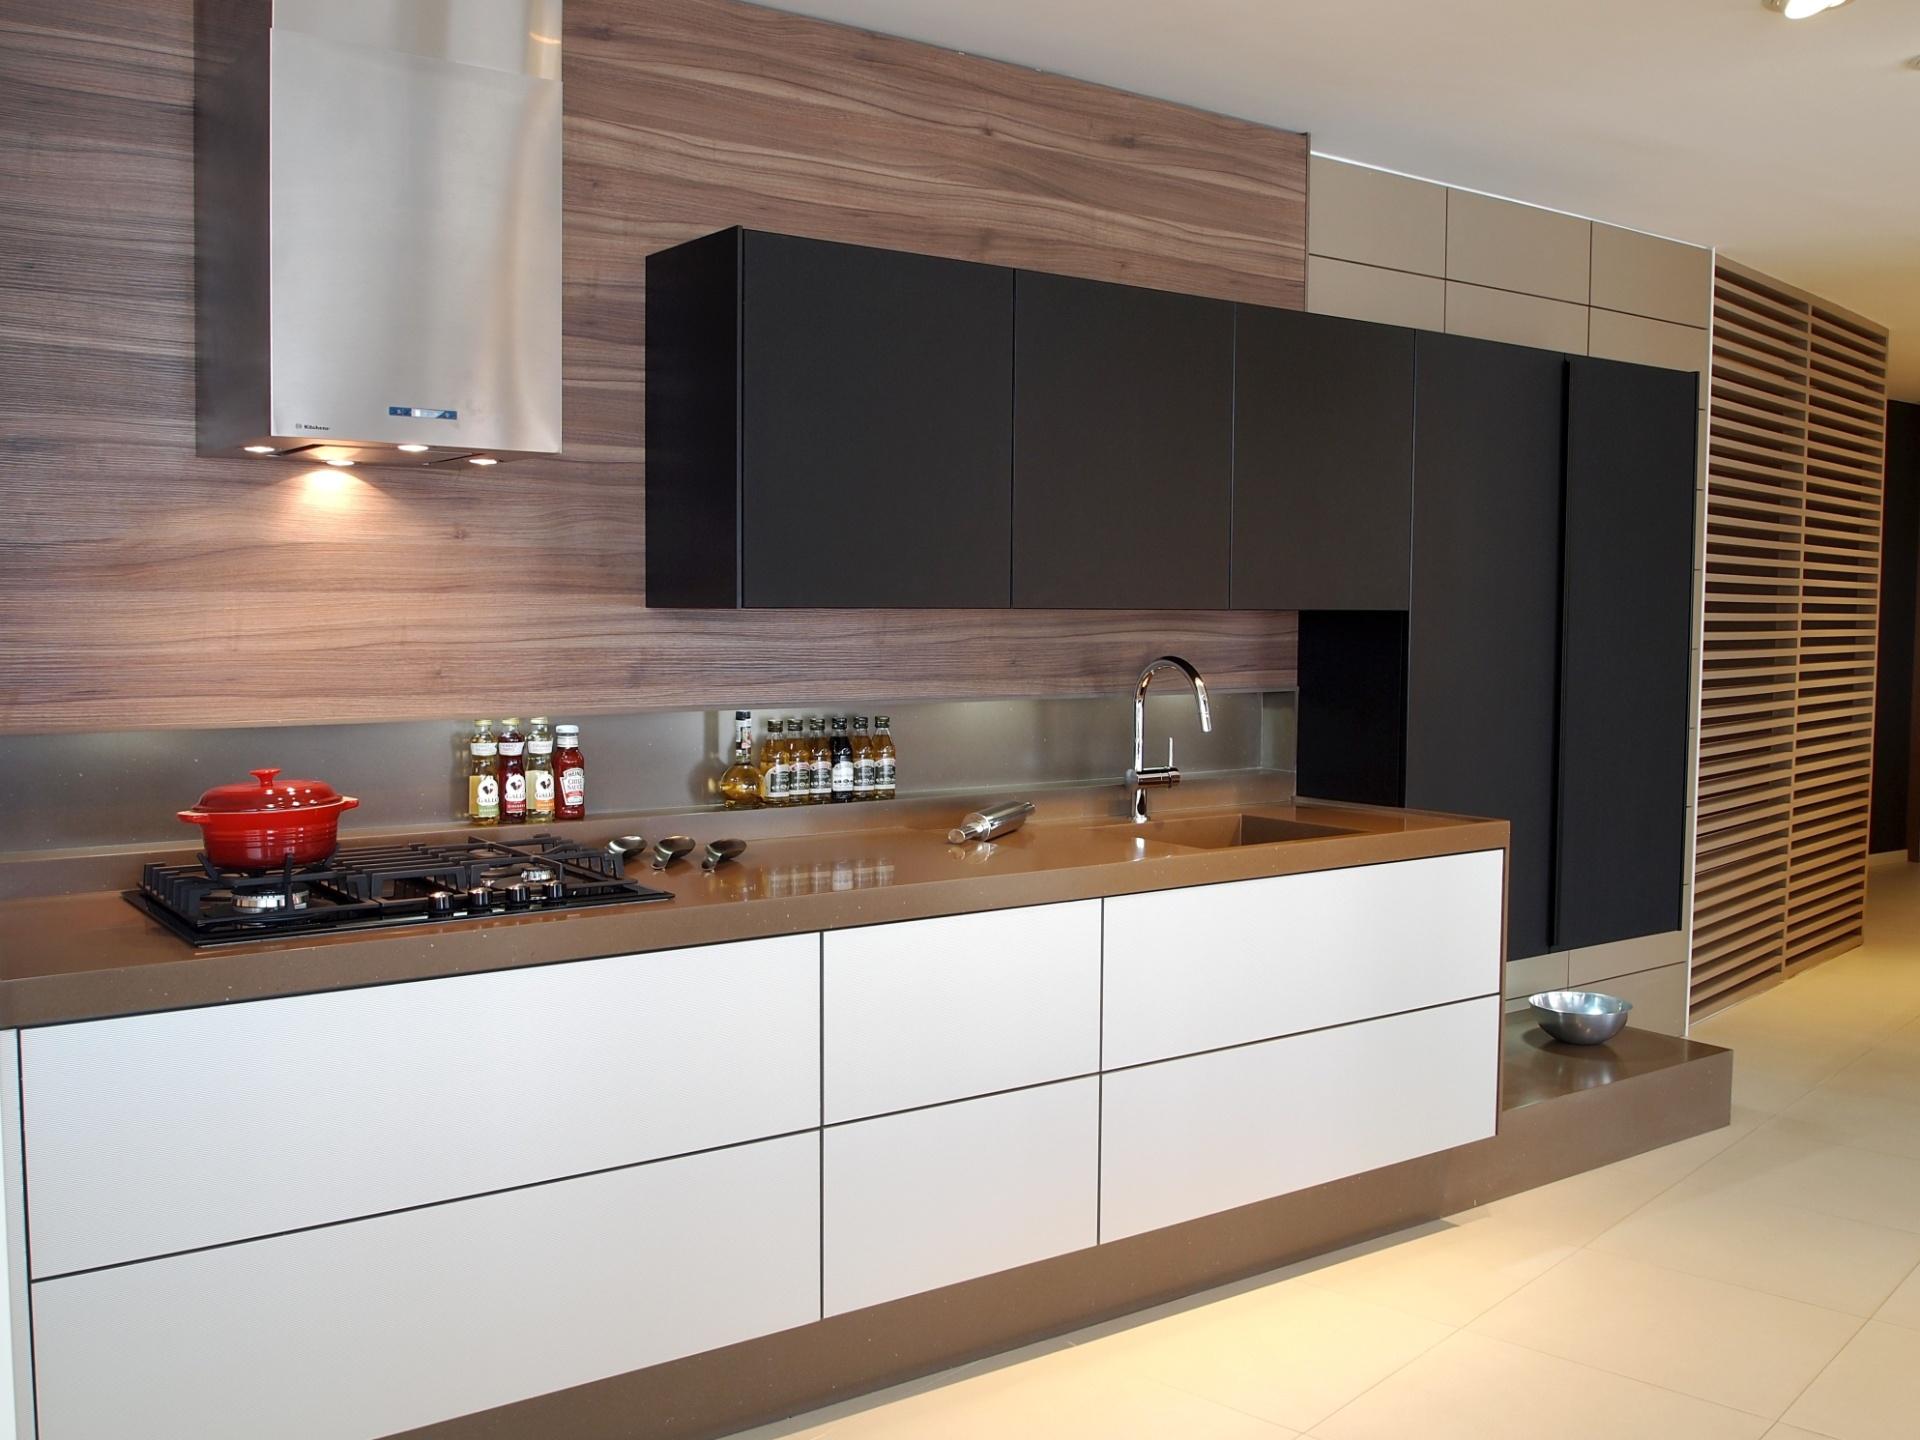 Adaptável a pequenos espaços, o projeto da Kitchens (www.kitchens.com.br) une a área de armazenamento à pia e ao cooktop. As gavetas, sem puxadores, são revestidas em alumínio Silver Cotele com sistema de abertura elétrico por meio de toque. Os armários superiores são em vidro preto fosco e o tampo em Corian Suede